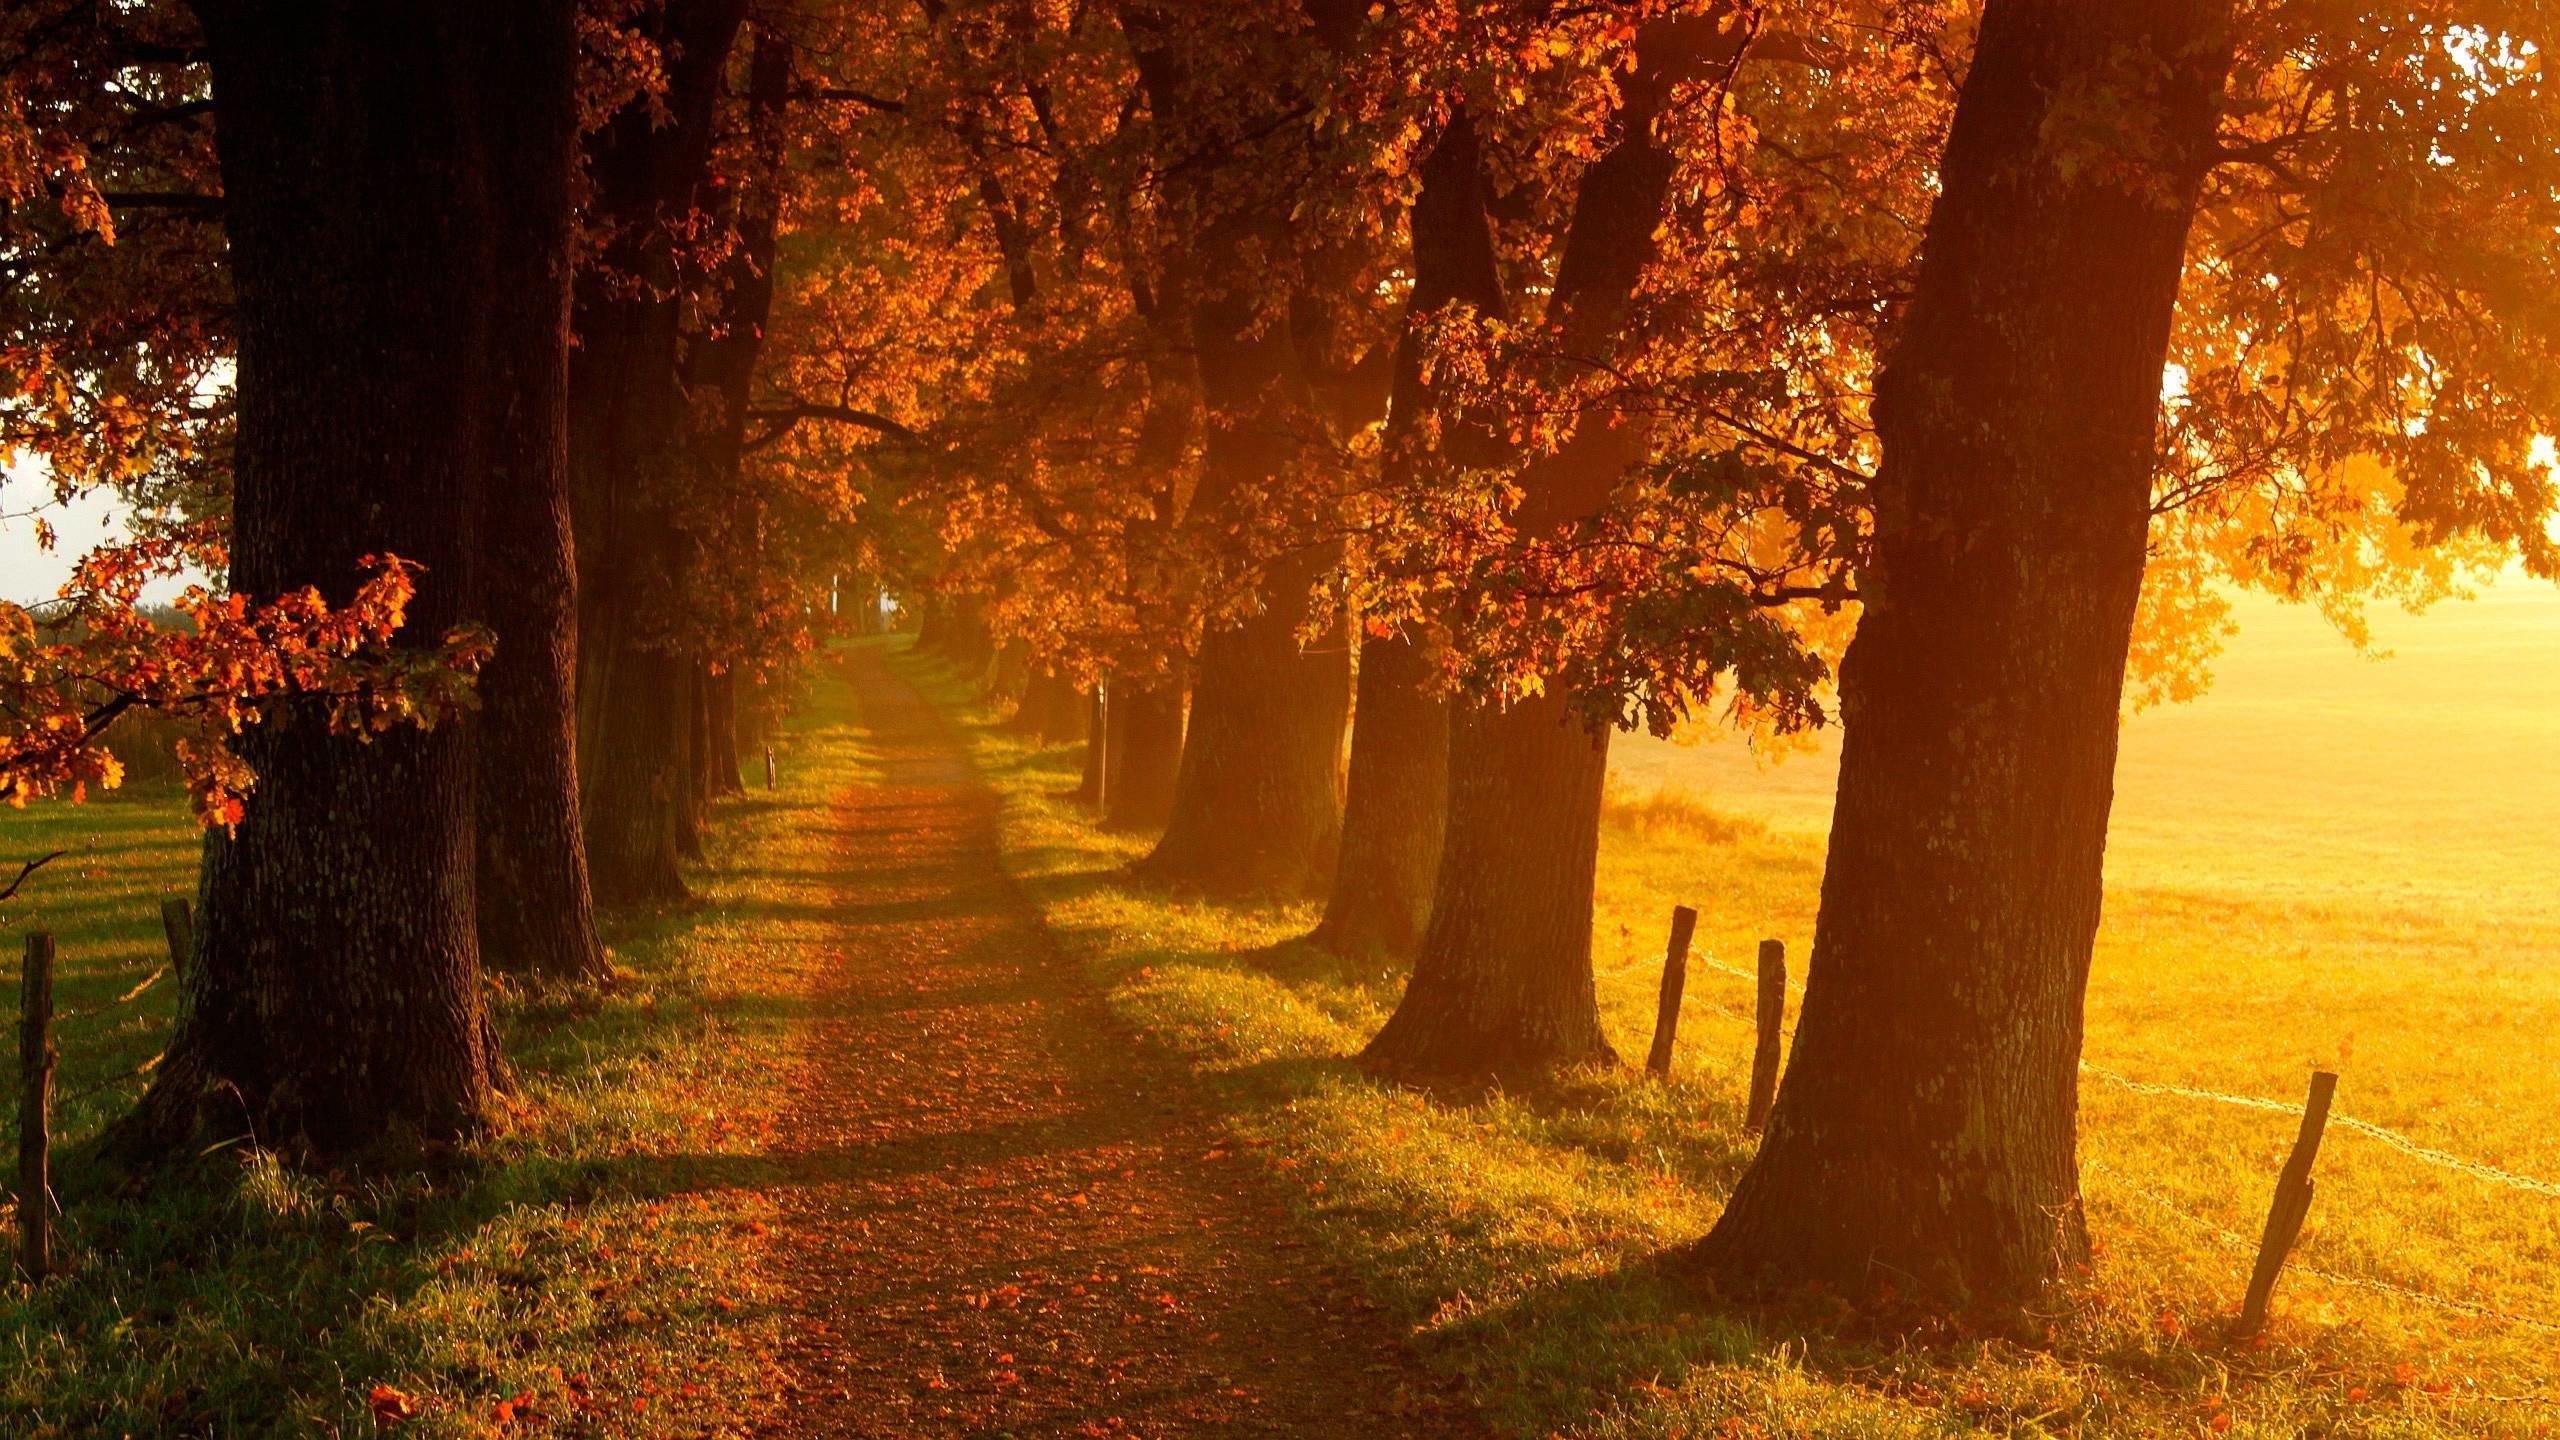 fall pattern background